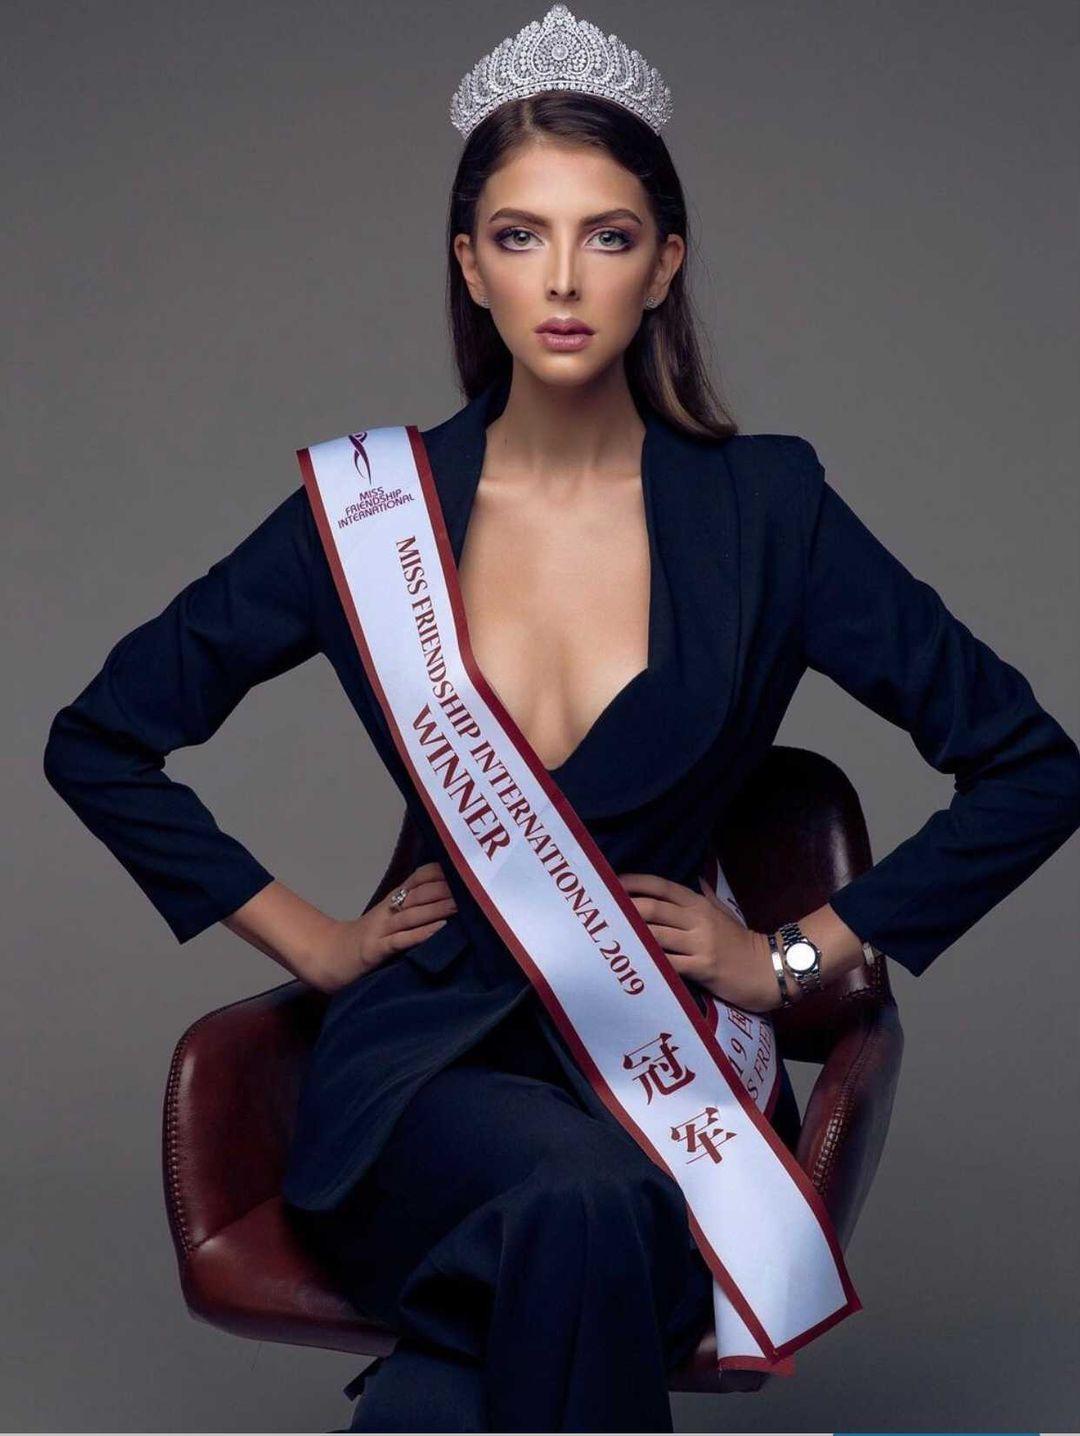 Miss Friendship International